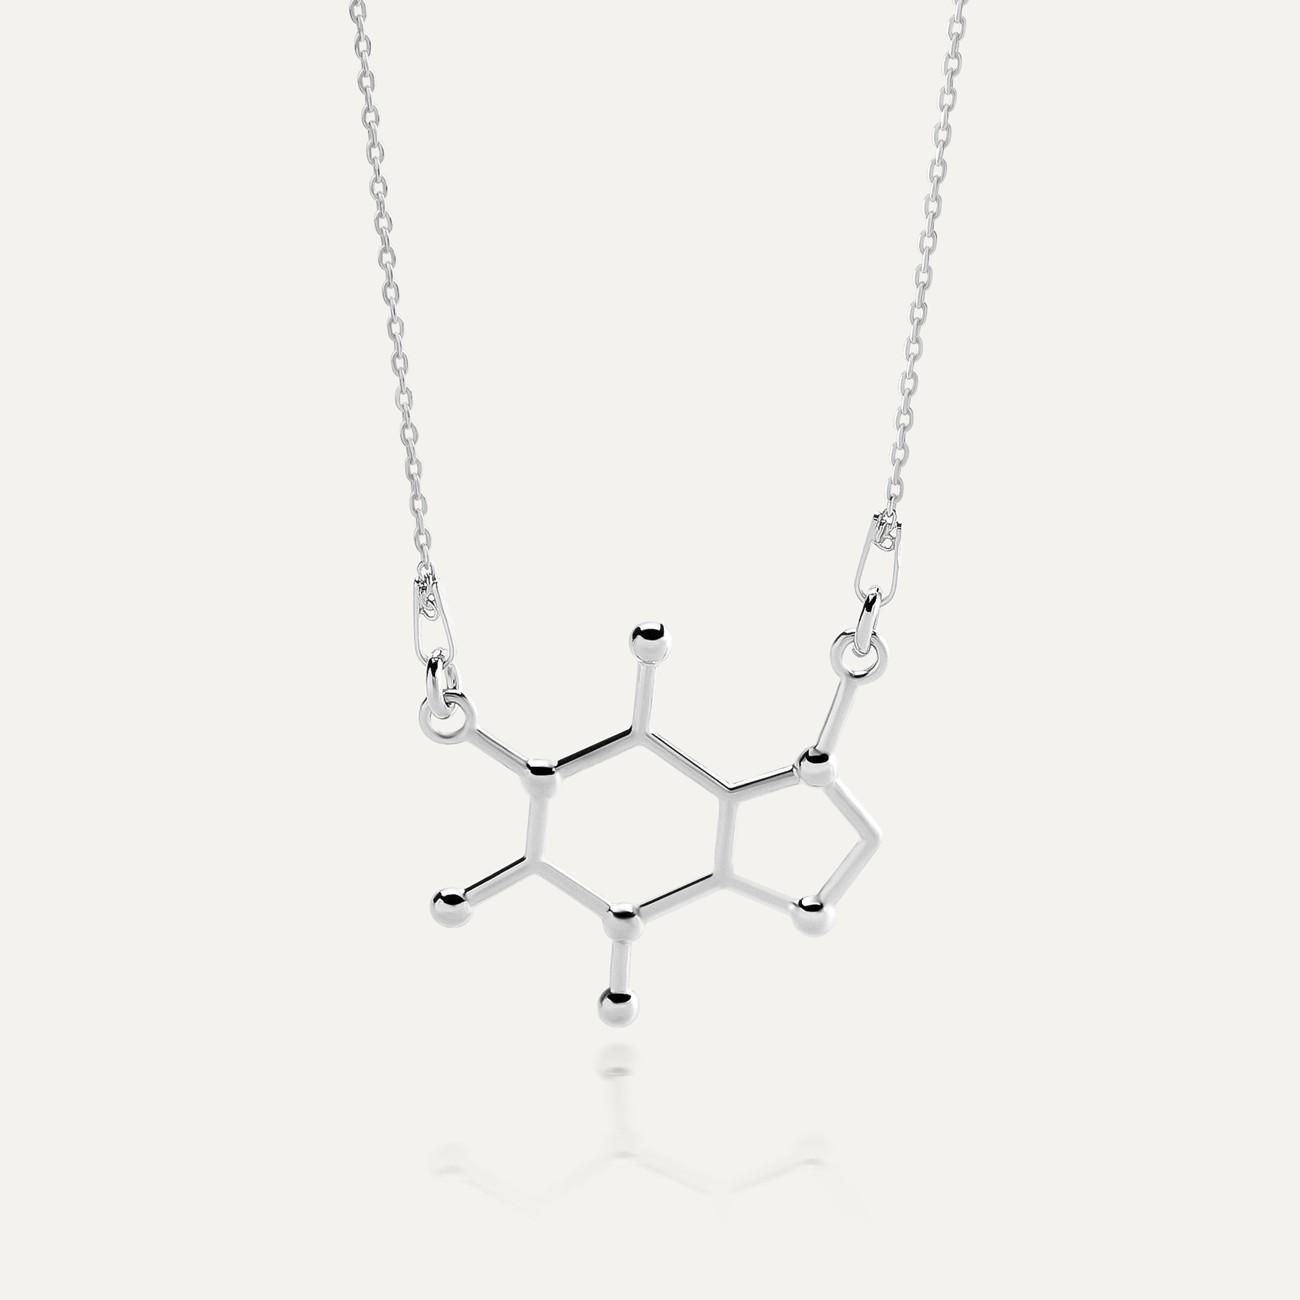 Halskette KOFFEIN chemische formel